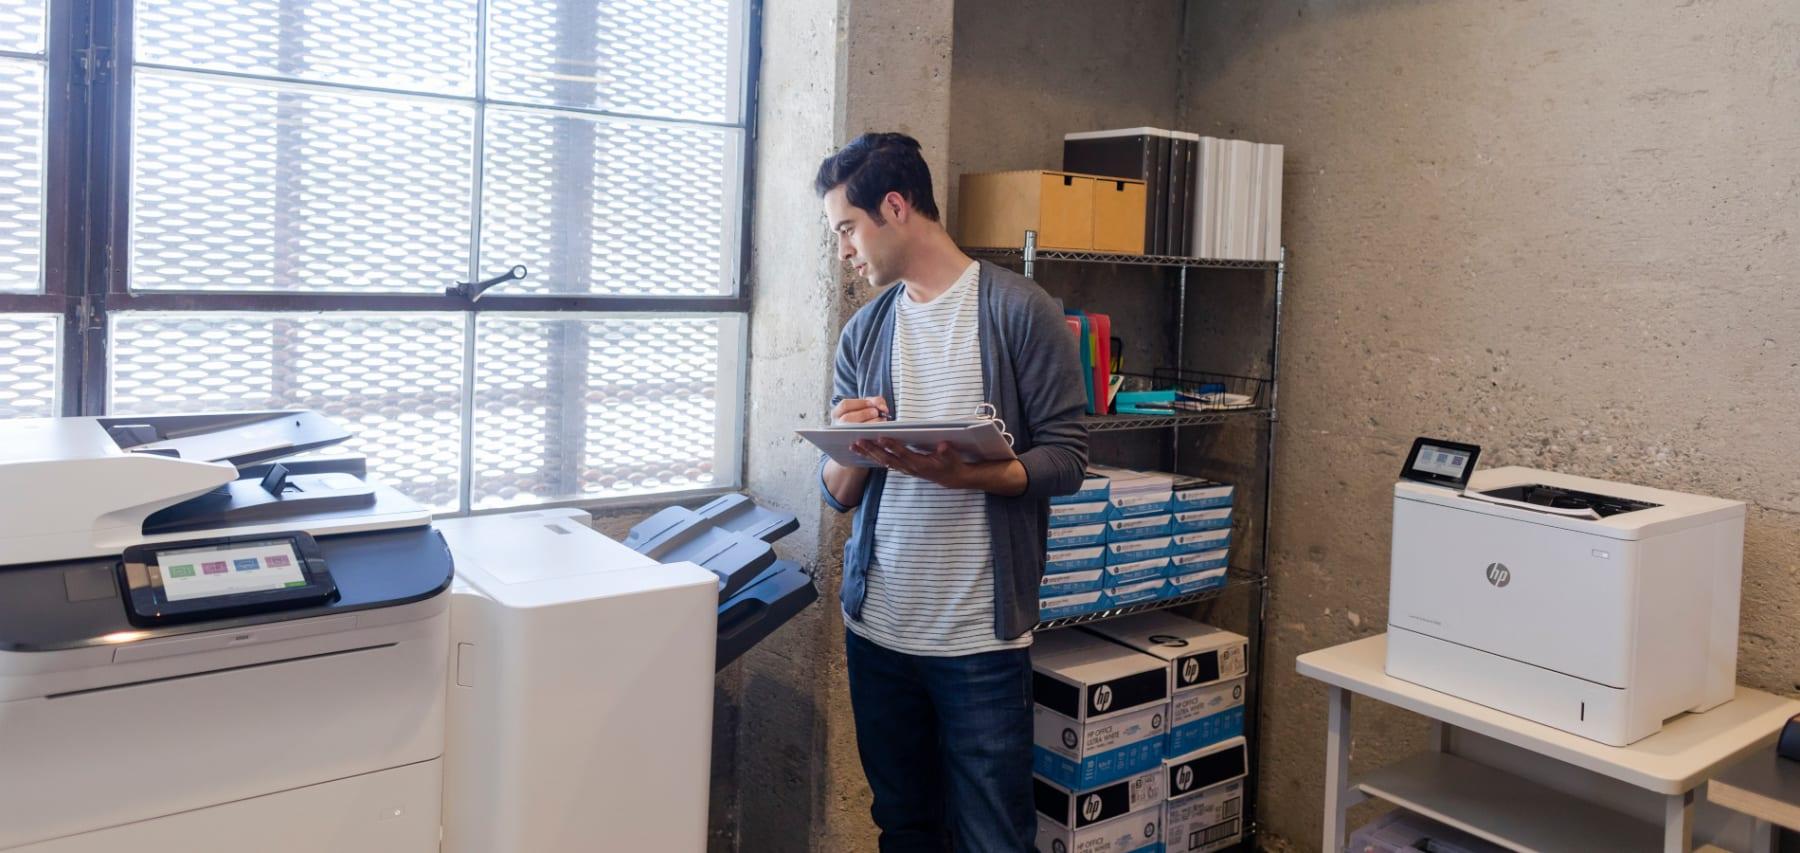 Multifunktionsdrucker mieten - Jetzt Vorteile beim Drucken nutzen